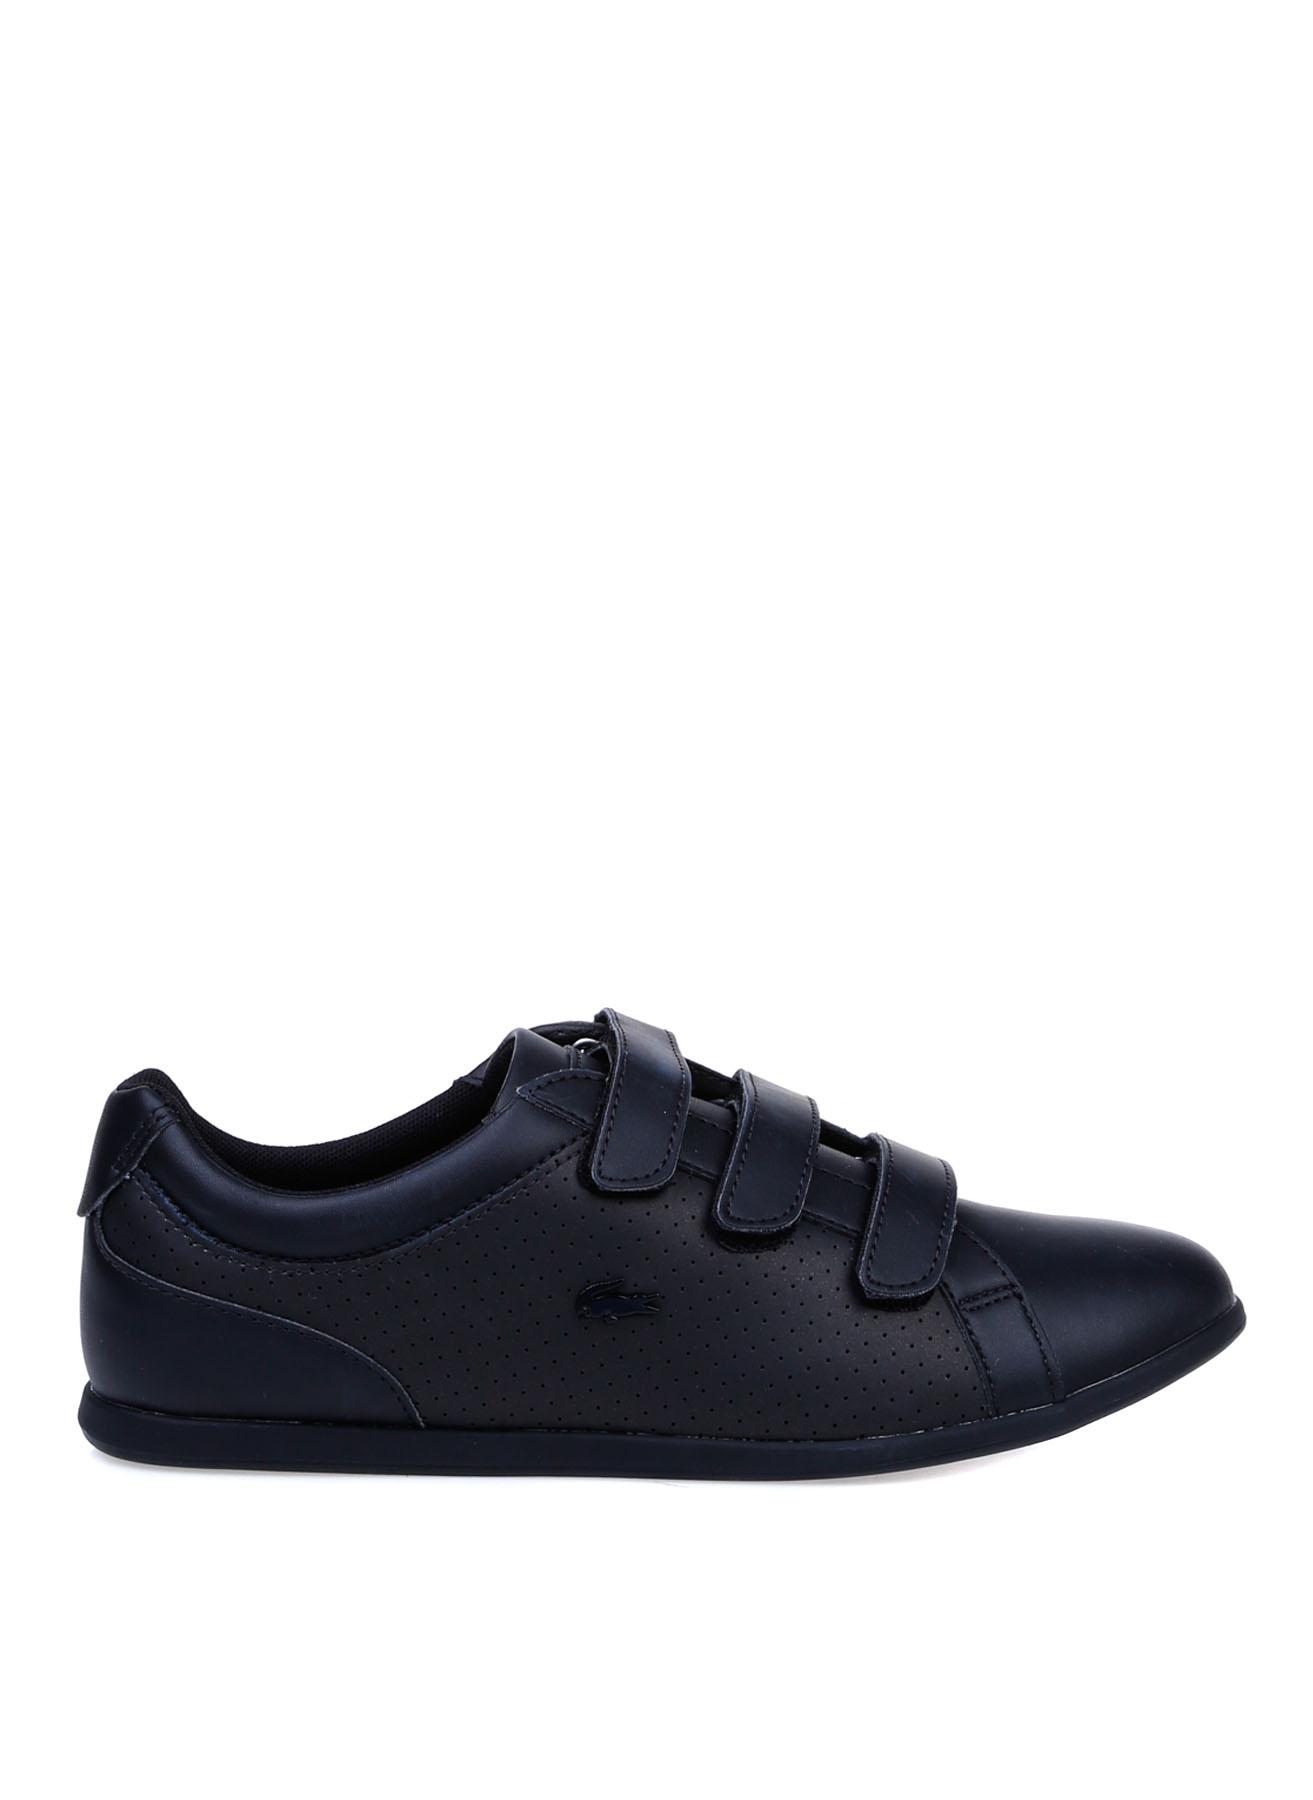 Lacoste Kadın Deri Cırtcırtlı Siyah Sneaker 36 5002312550001 Ürün Resmi